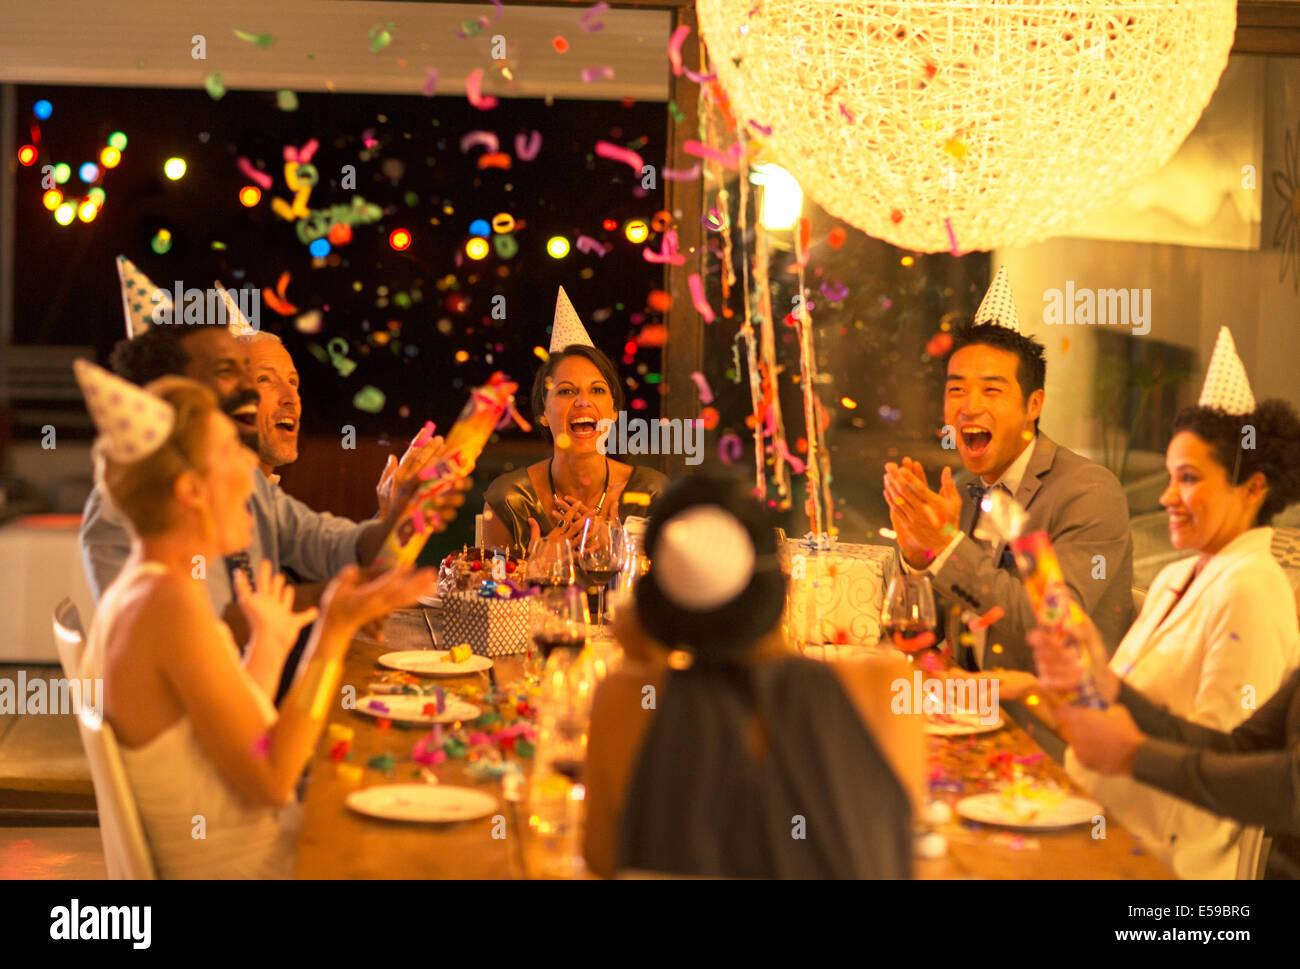 Amigos lanzando confeti en la fiesta de cumpleaños Imagen De Stock